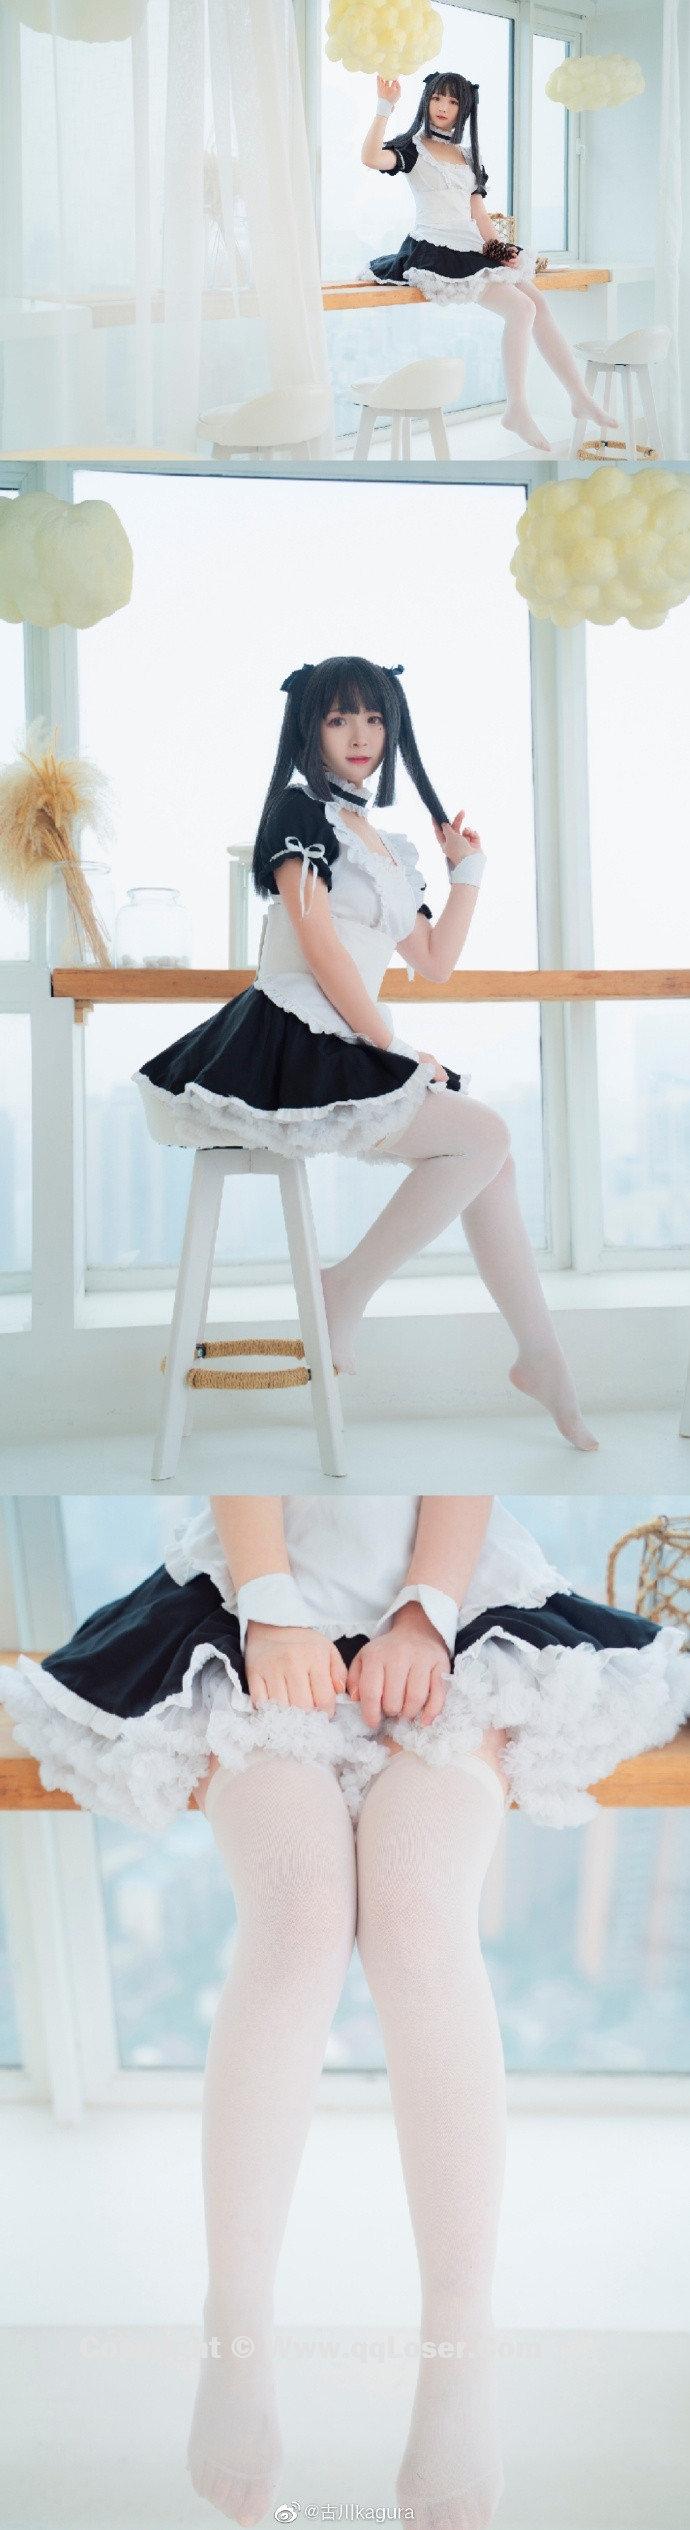 今日妹子推荐「古川kagura 」一个视曾日本妹子的小姐姐